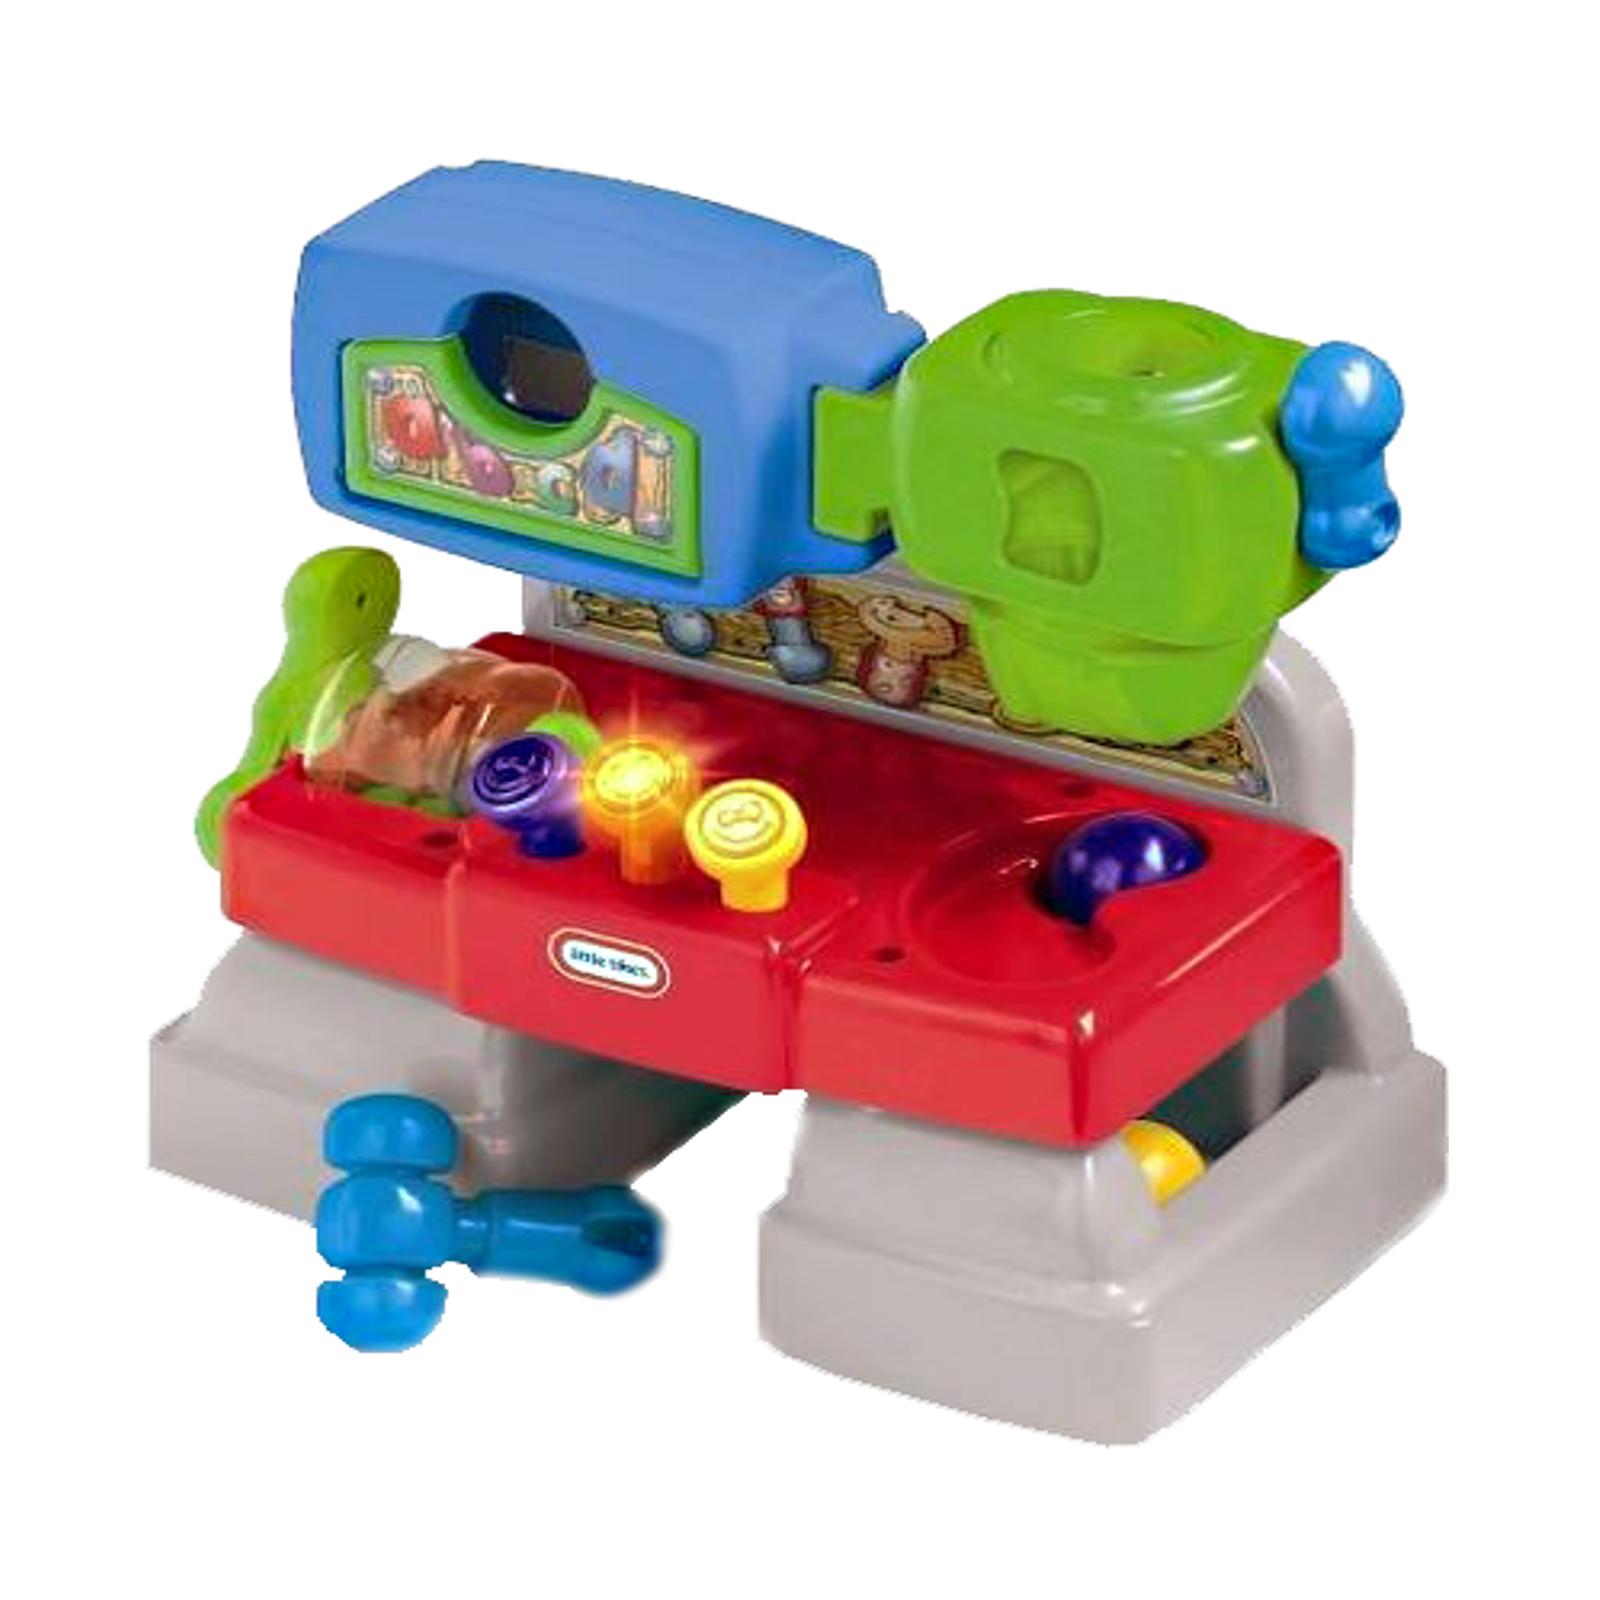 Развивающая игрушка Little Tikes Мастерская с 12 мес.